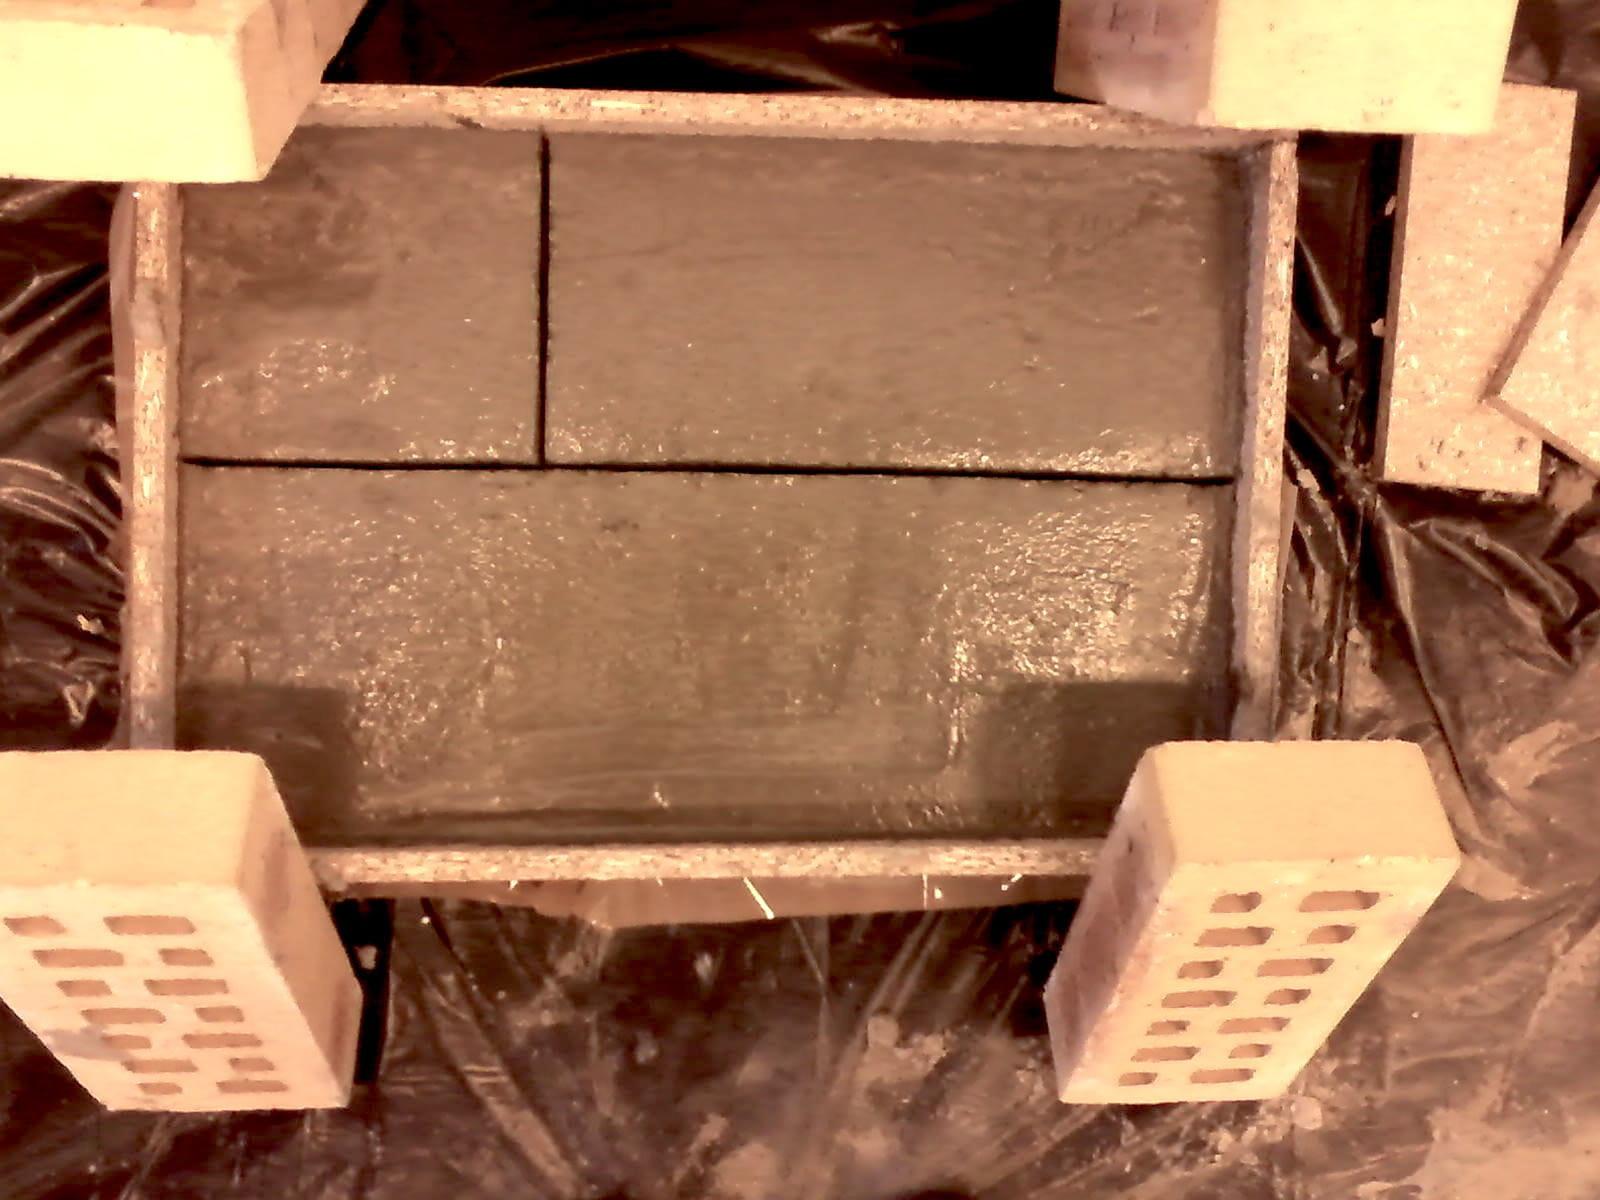 Comment couper du ciment sans gros outillage ? - Linternaute.com